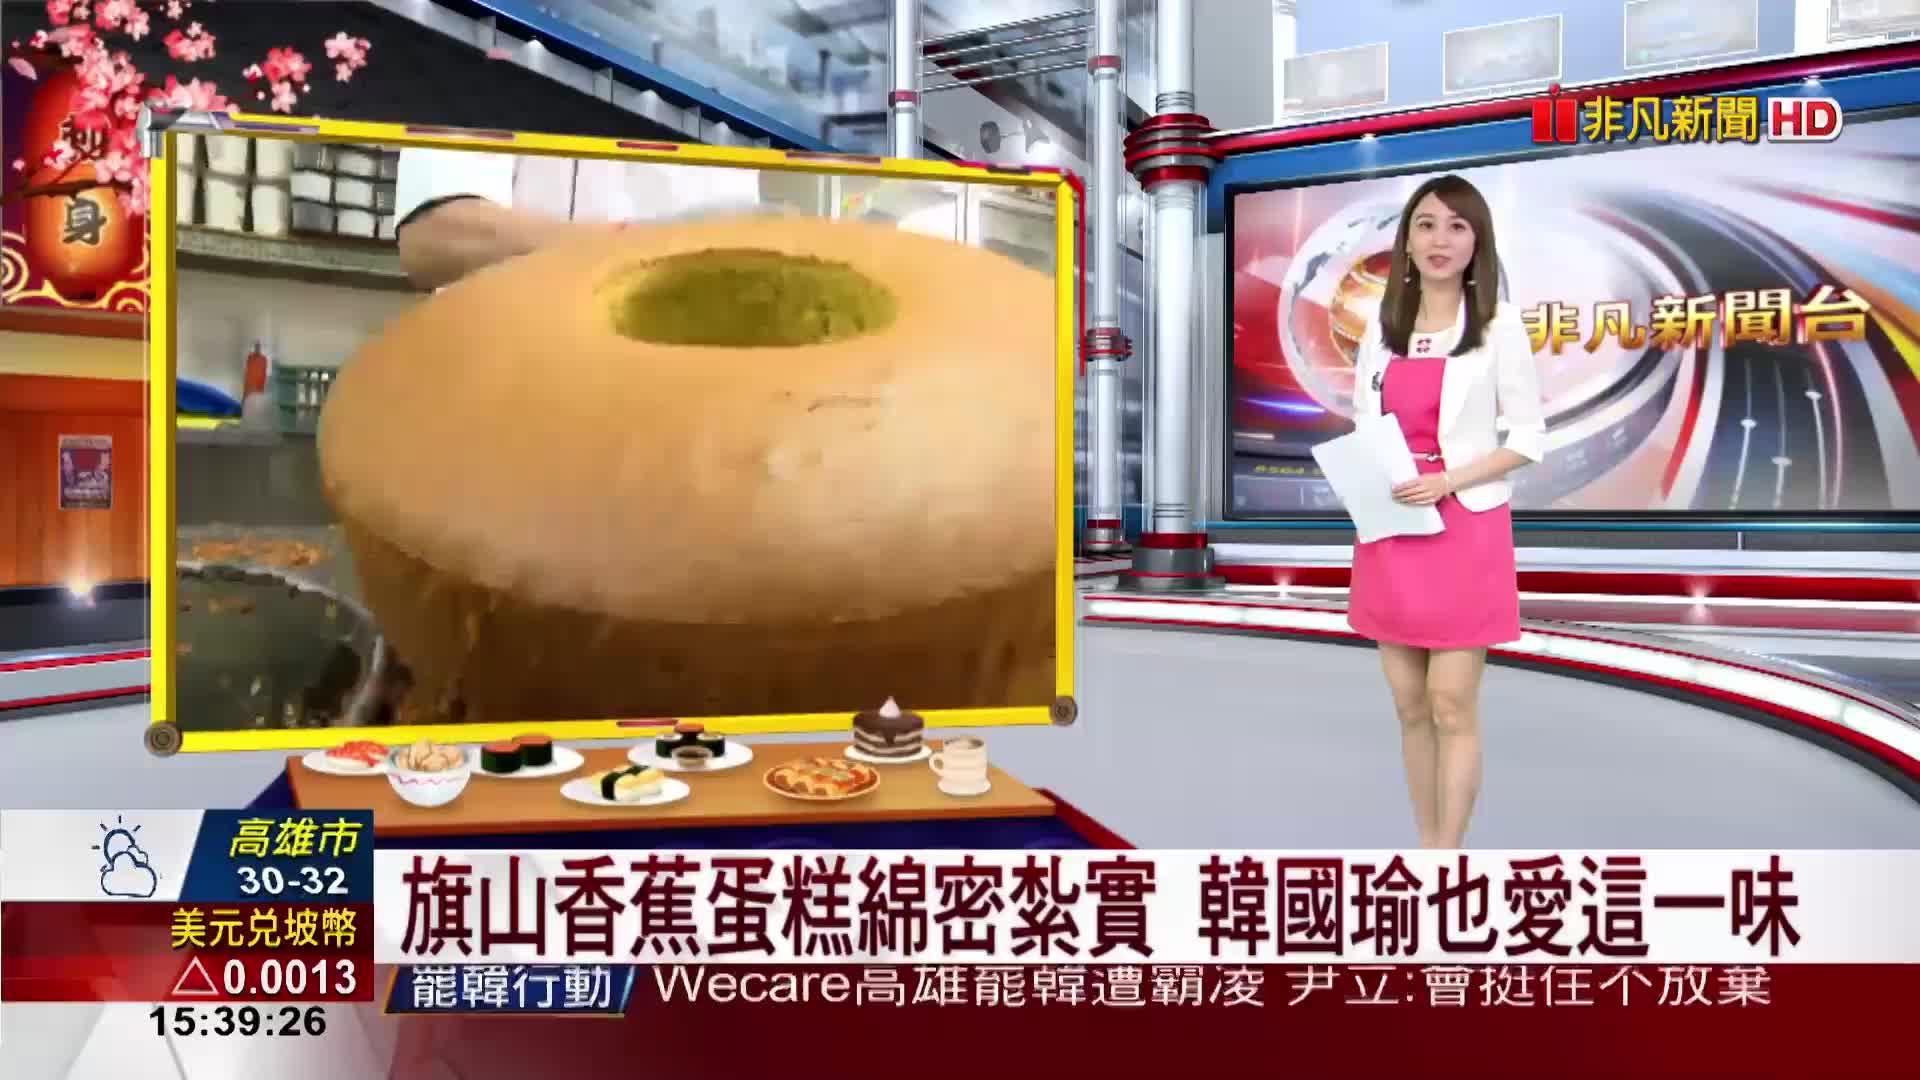 【美食特蒐】旗山香蕉蛋糕 韓國瑜也愛這一味